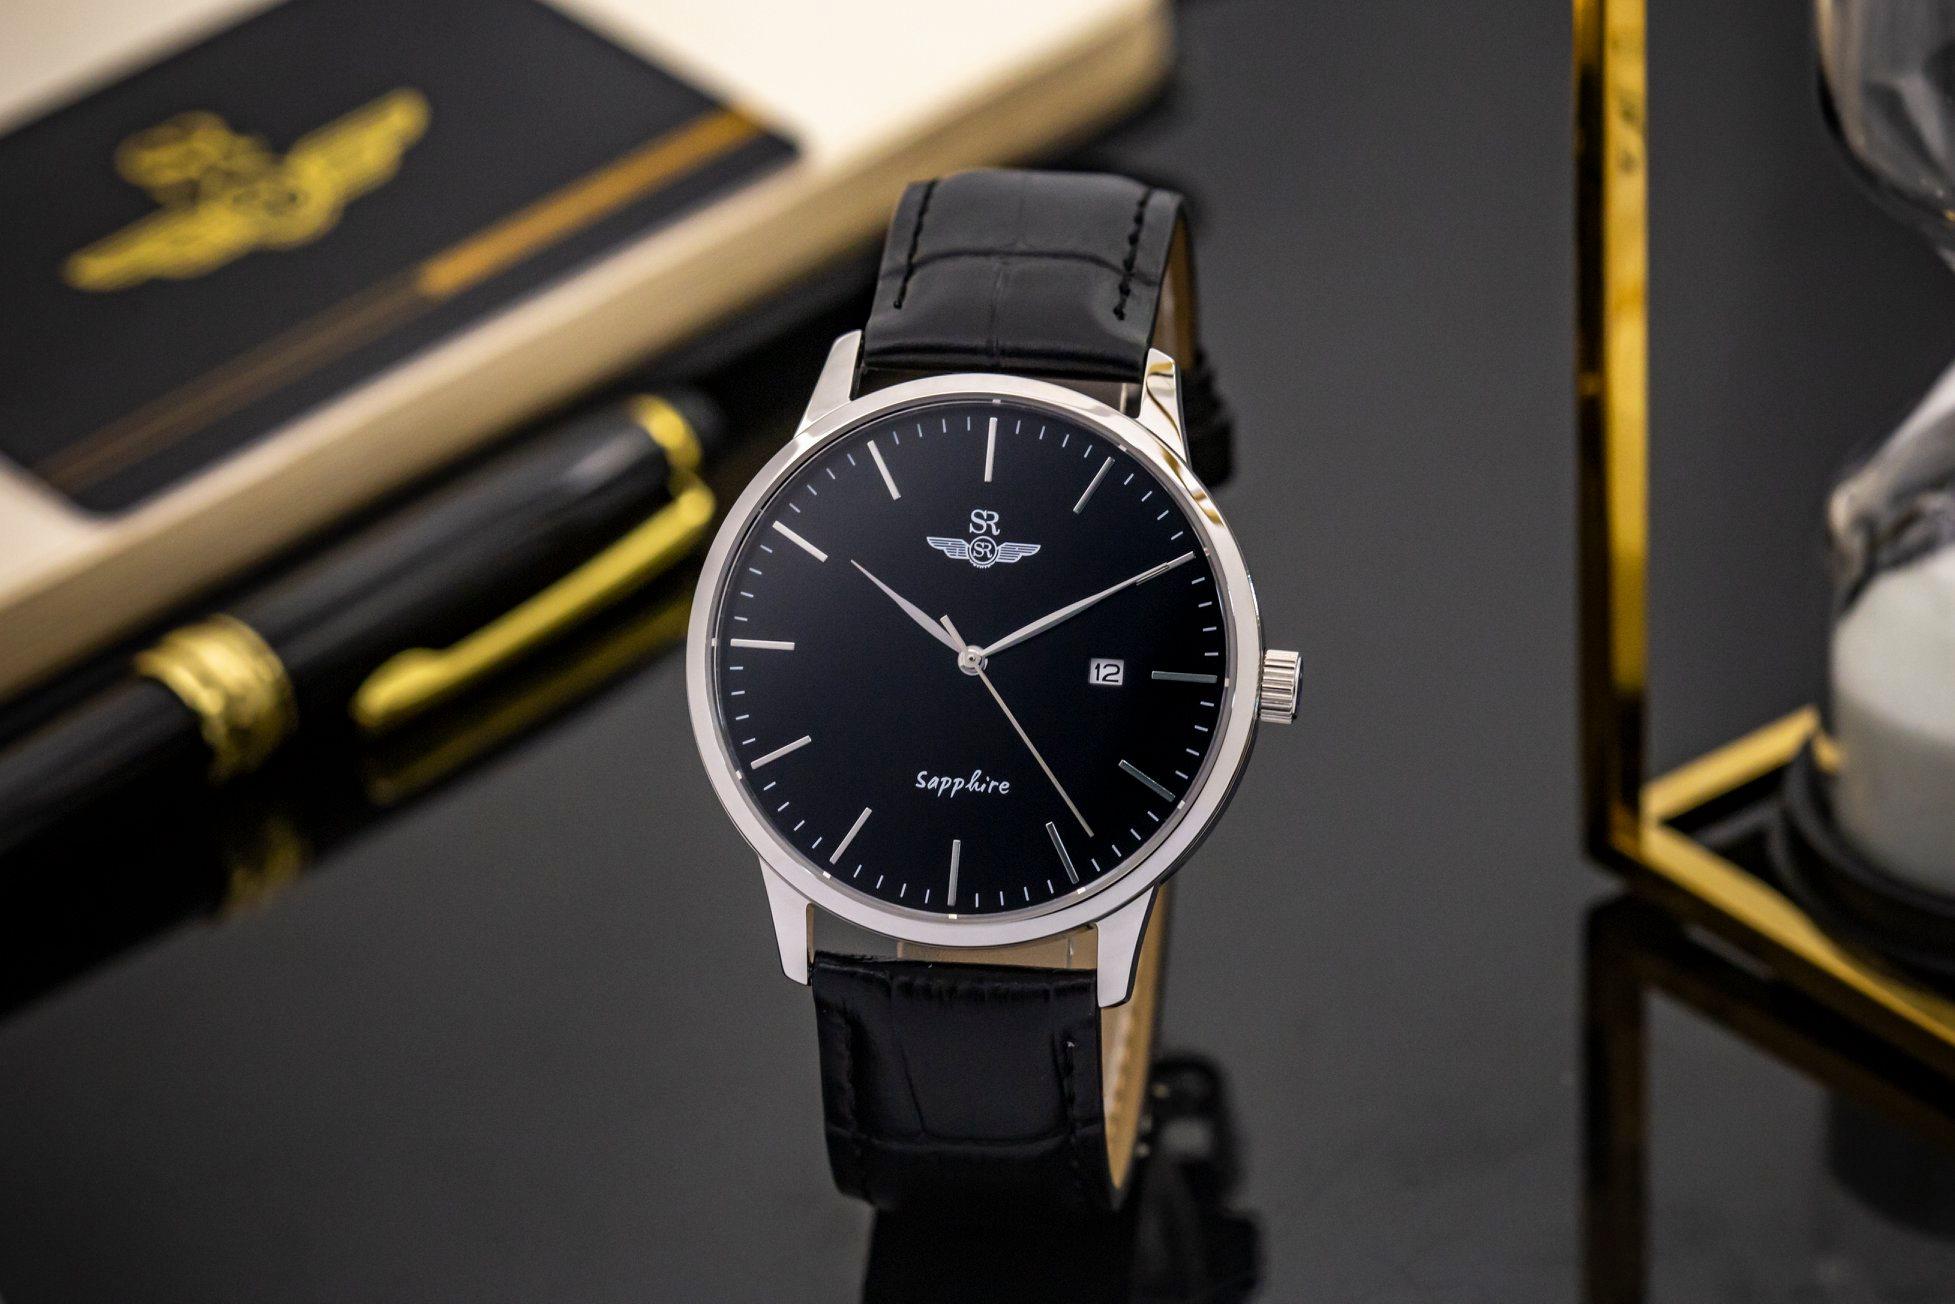 đồng hồ sapphire giá bao nhiêu